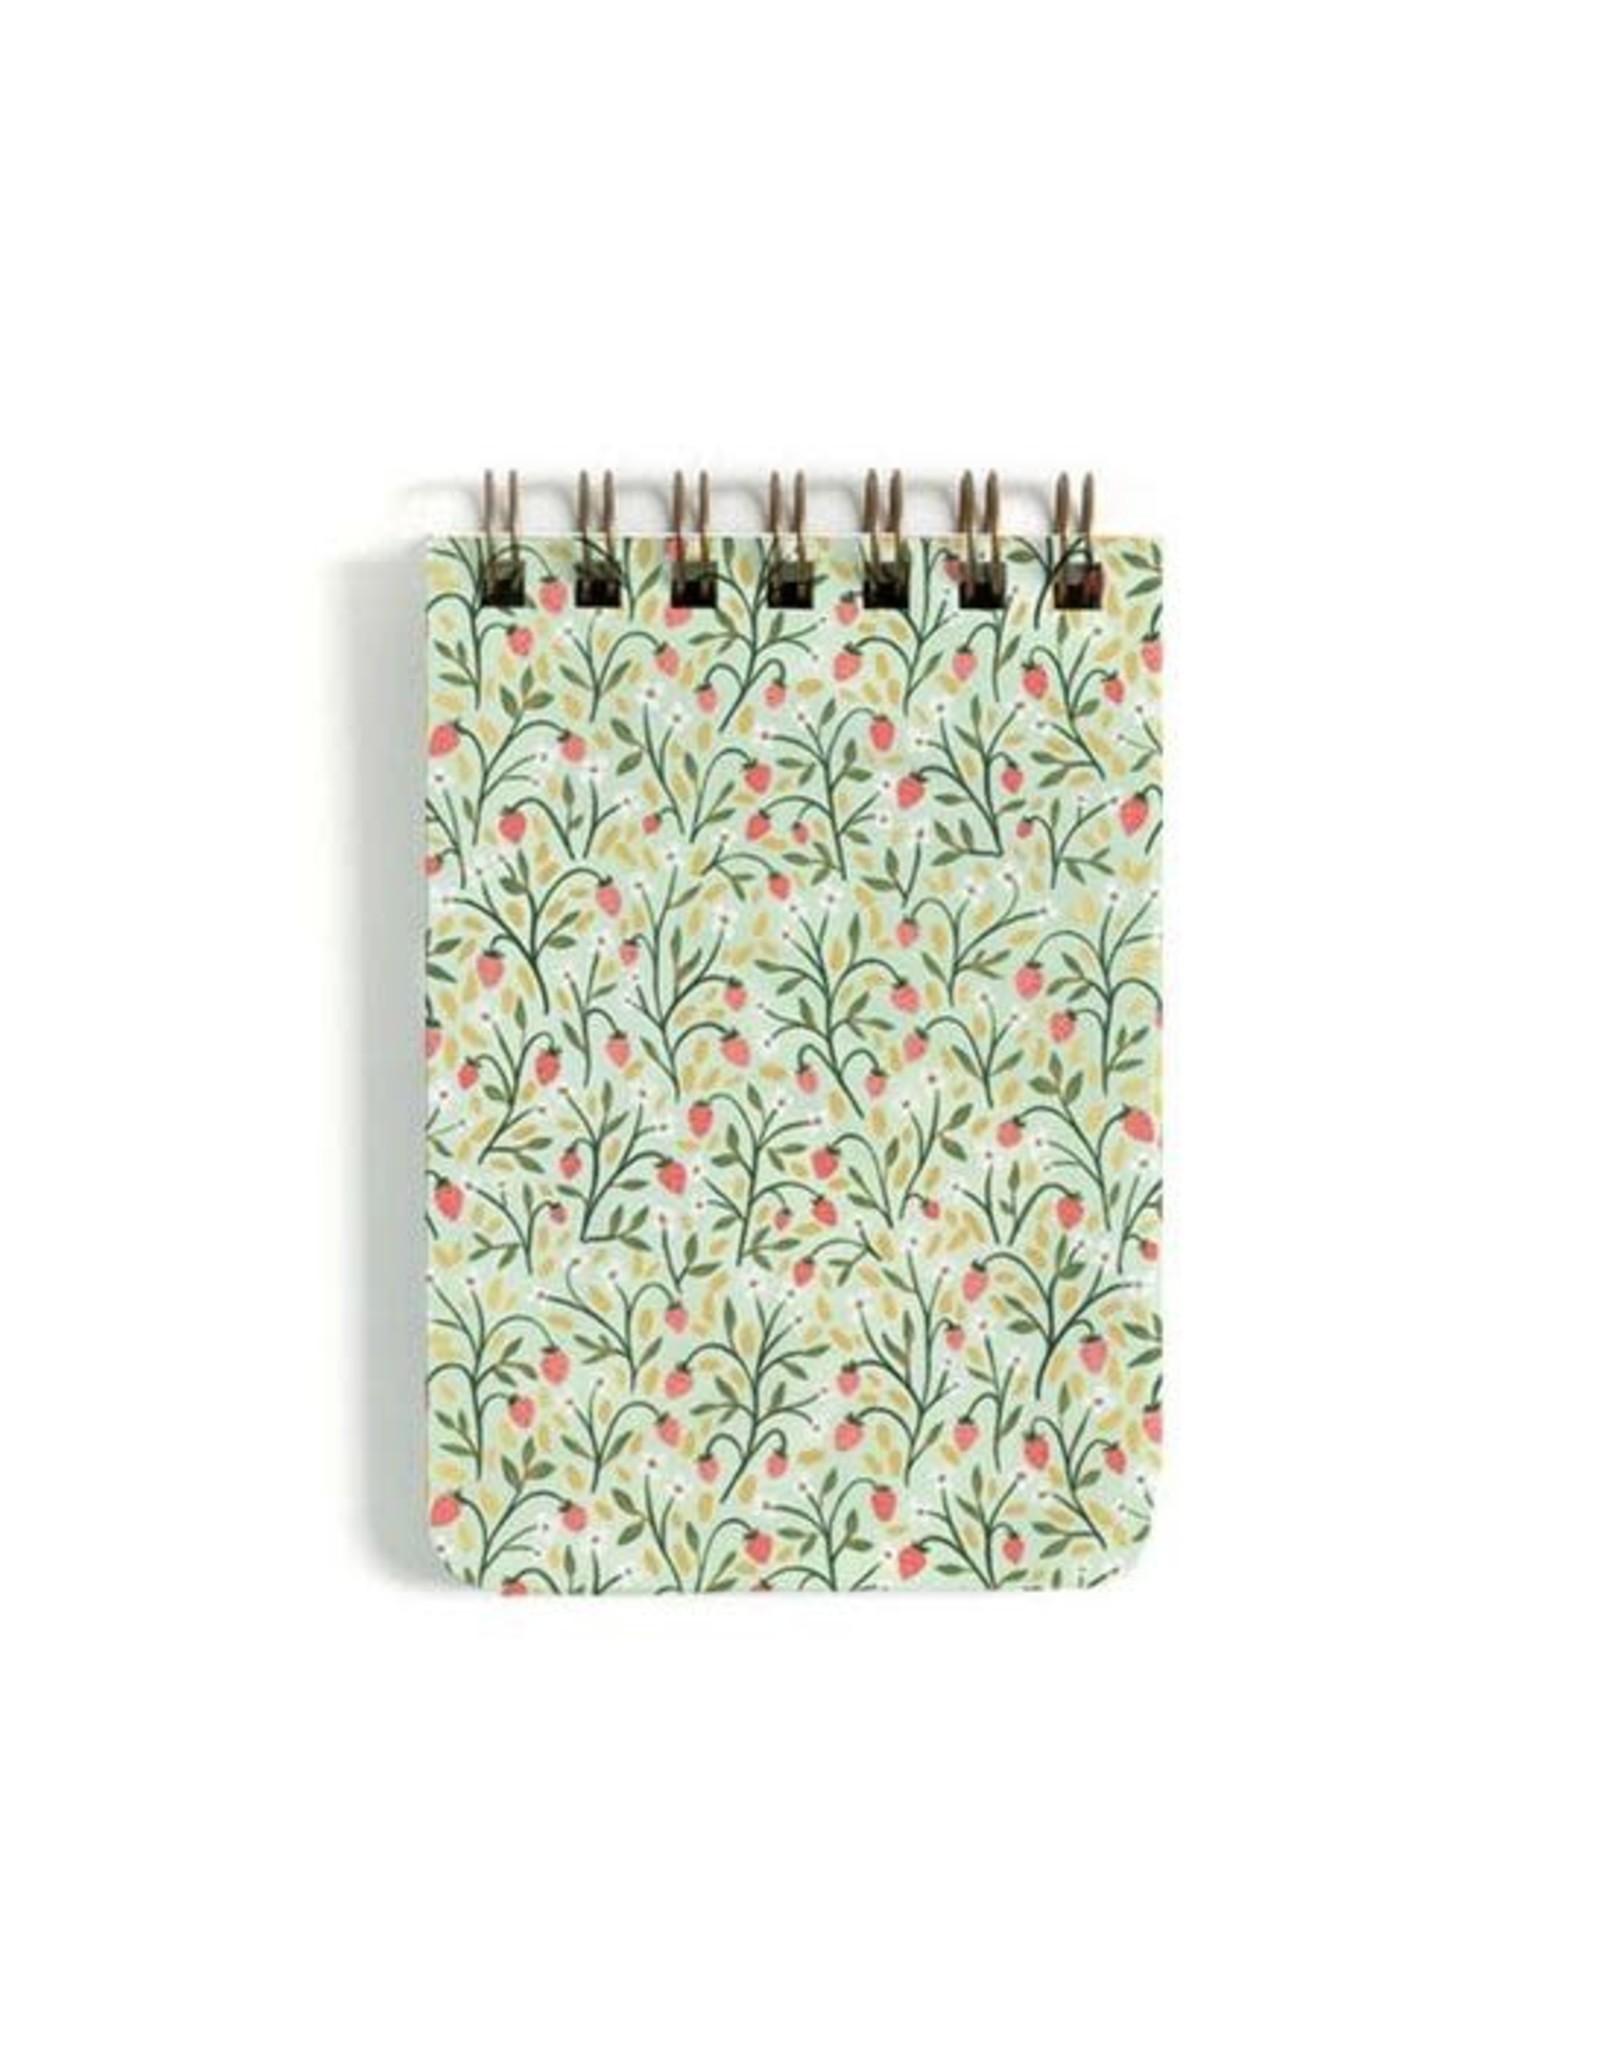 1Canoe2 1canoe2 | small strawberry meadow notebook